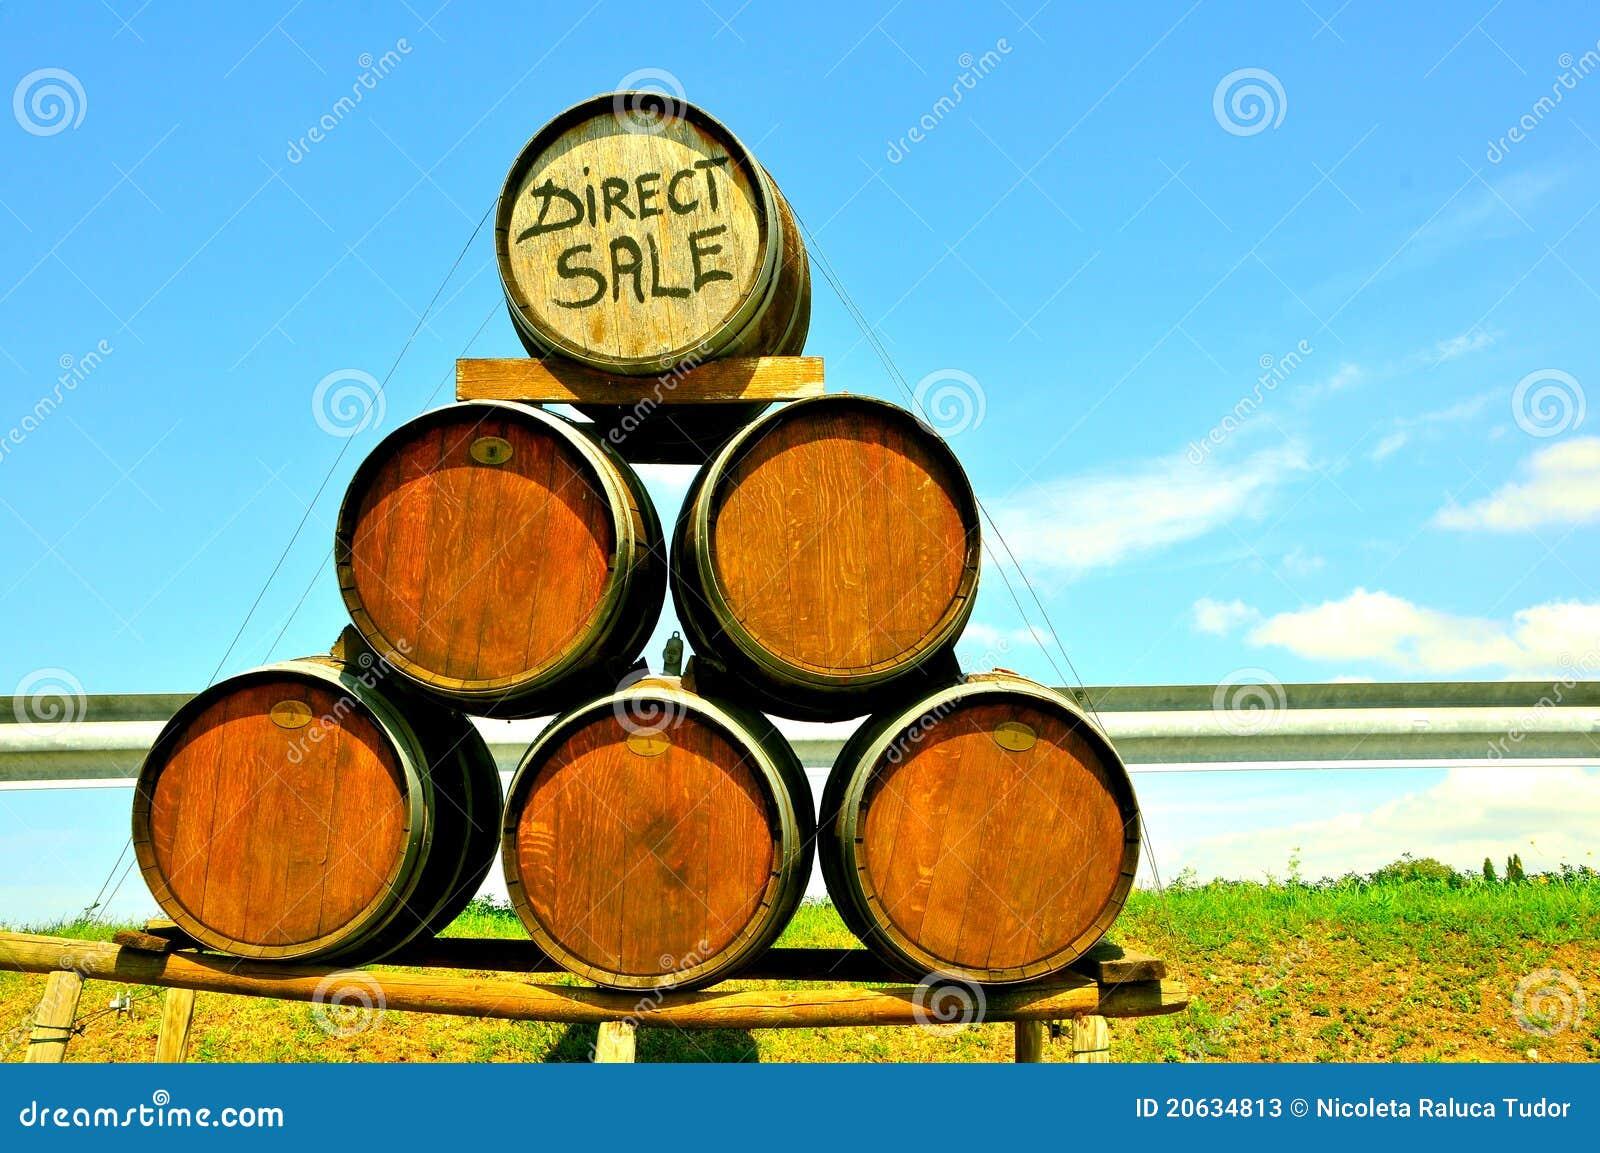 Großverkauf des Weins in Italien